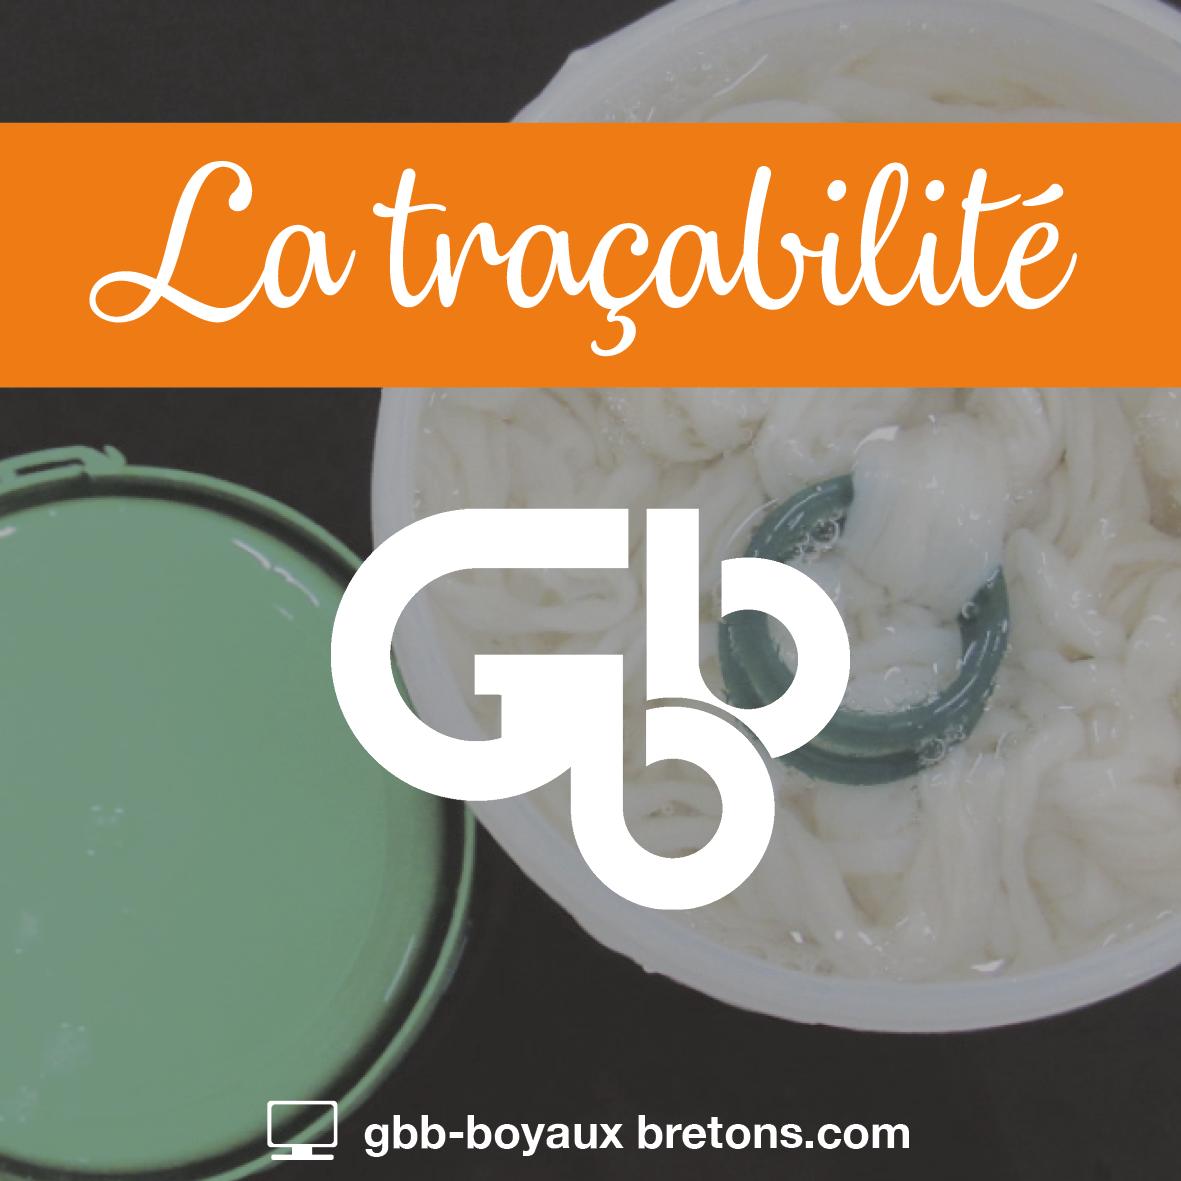 GBB Boyaux Bretons - Nos valeurs : la traçabilité